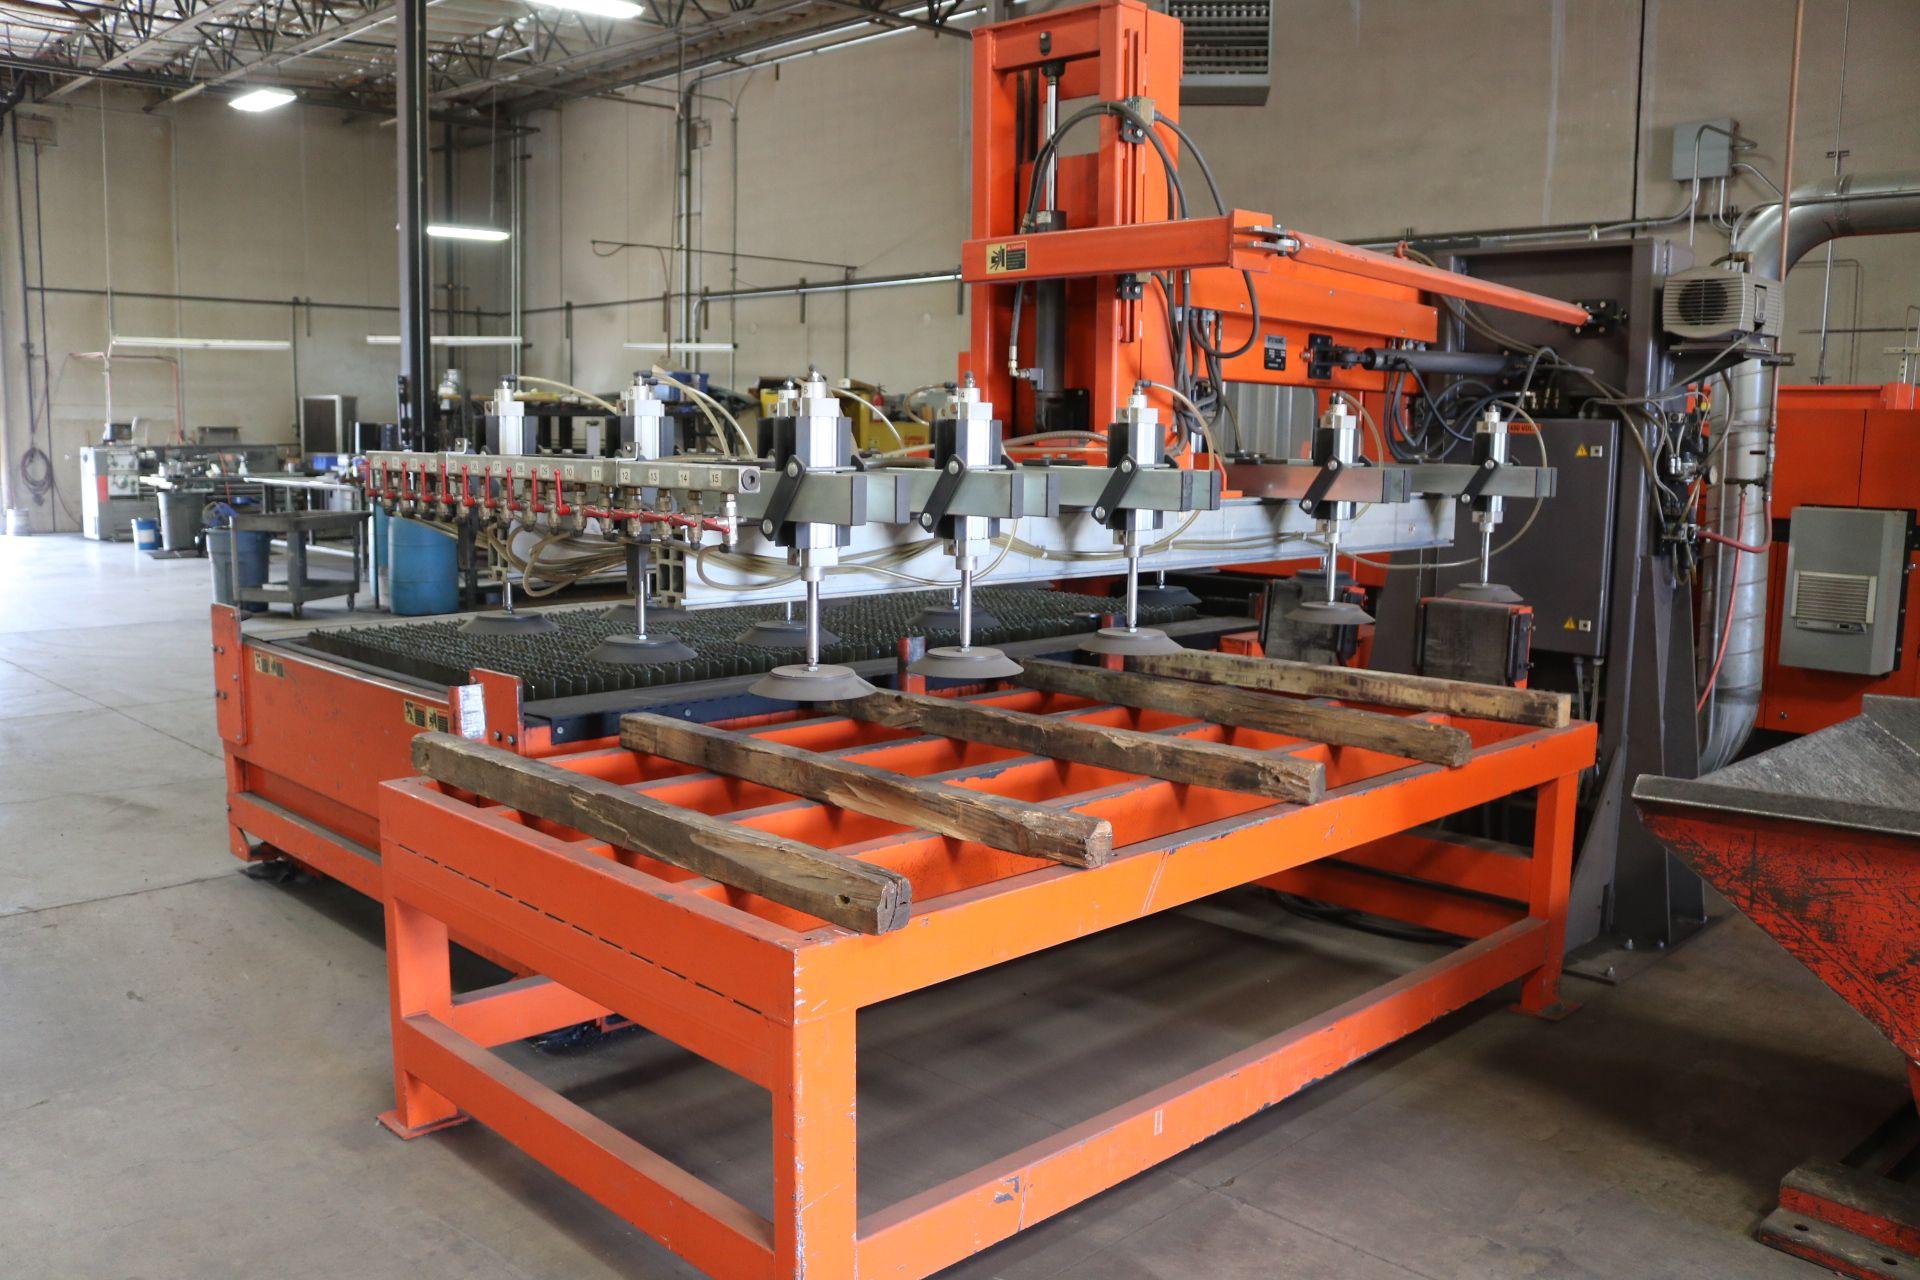 Lot 1 - 2001 BYSTRONICS BYSTAR 3015-2 CNC LASER CUTTER; 4,000 WATT, BYSTRONIC BTL 4000 TURBO C02 LASER,